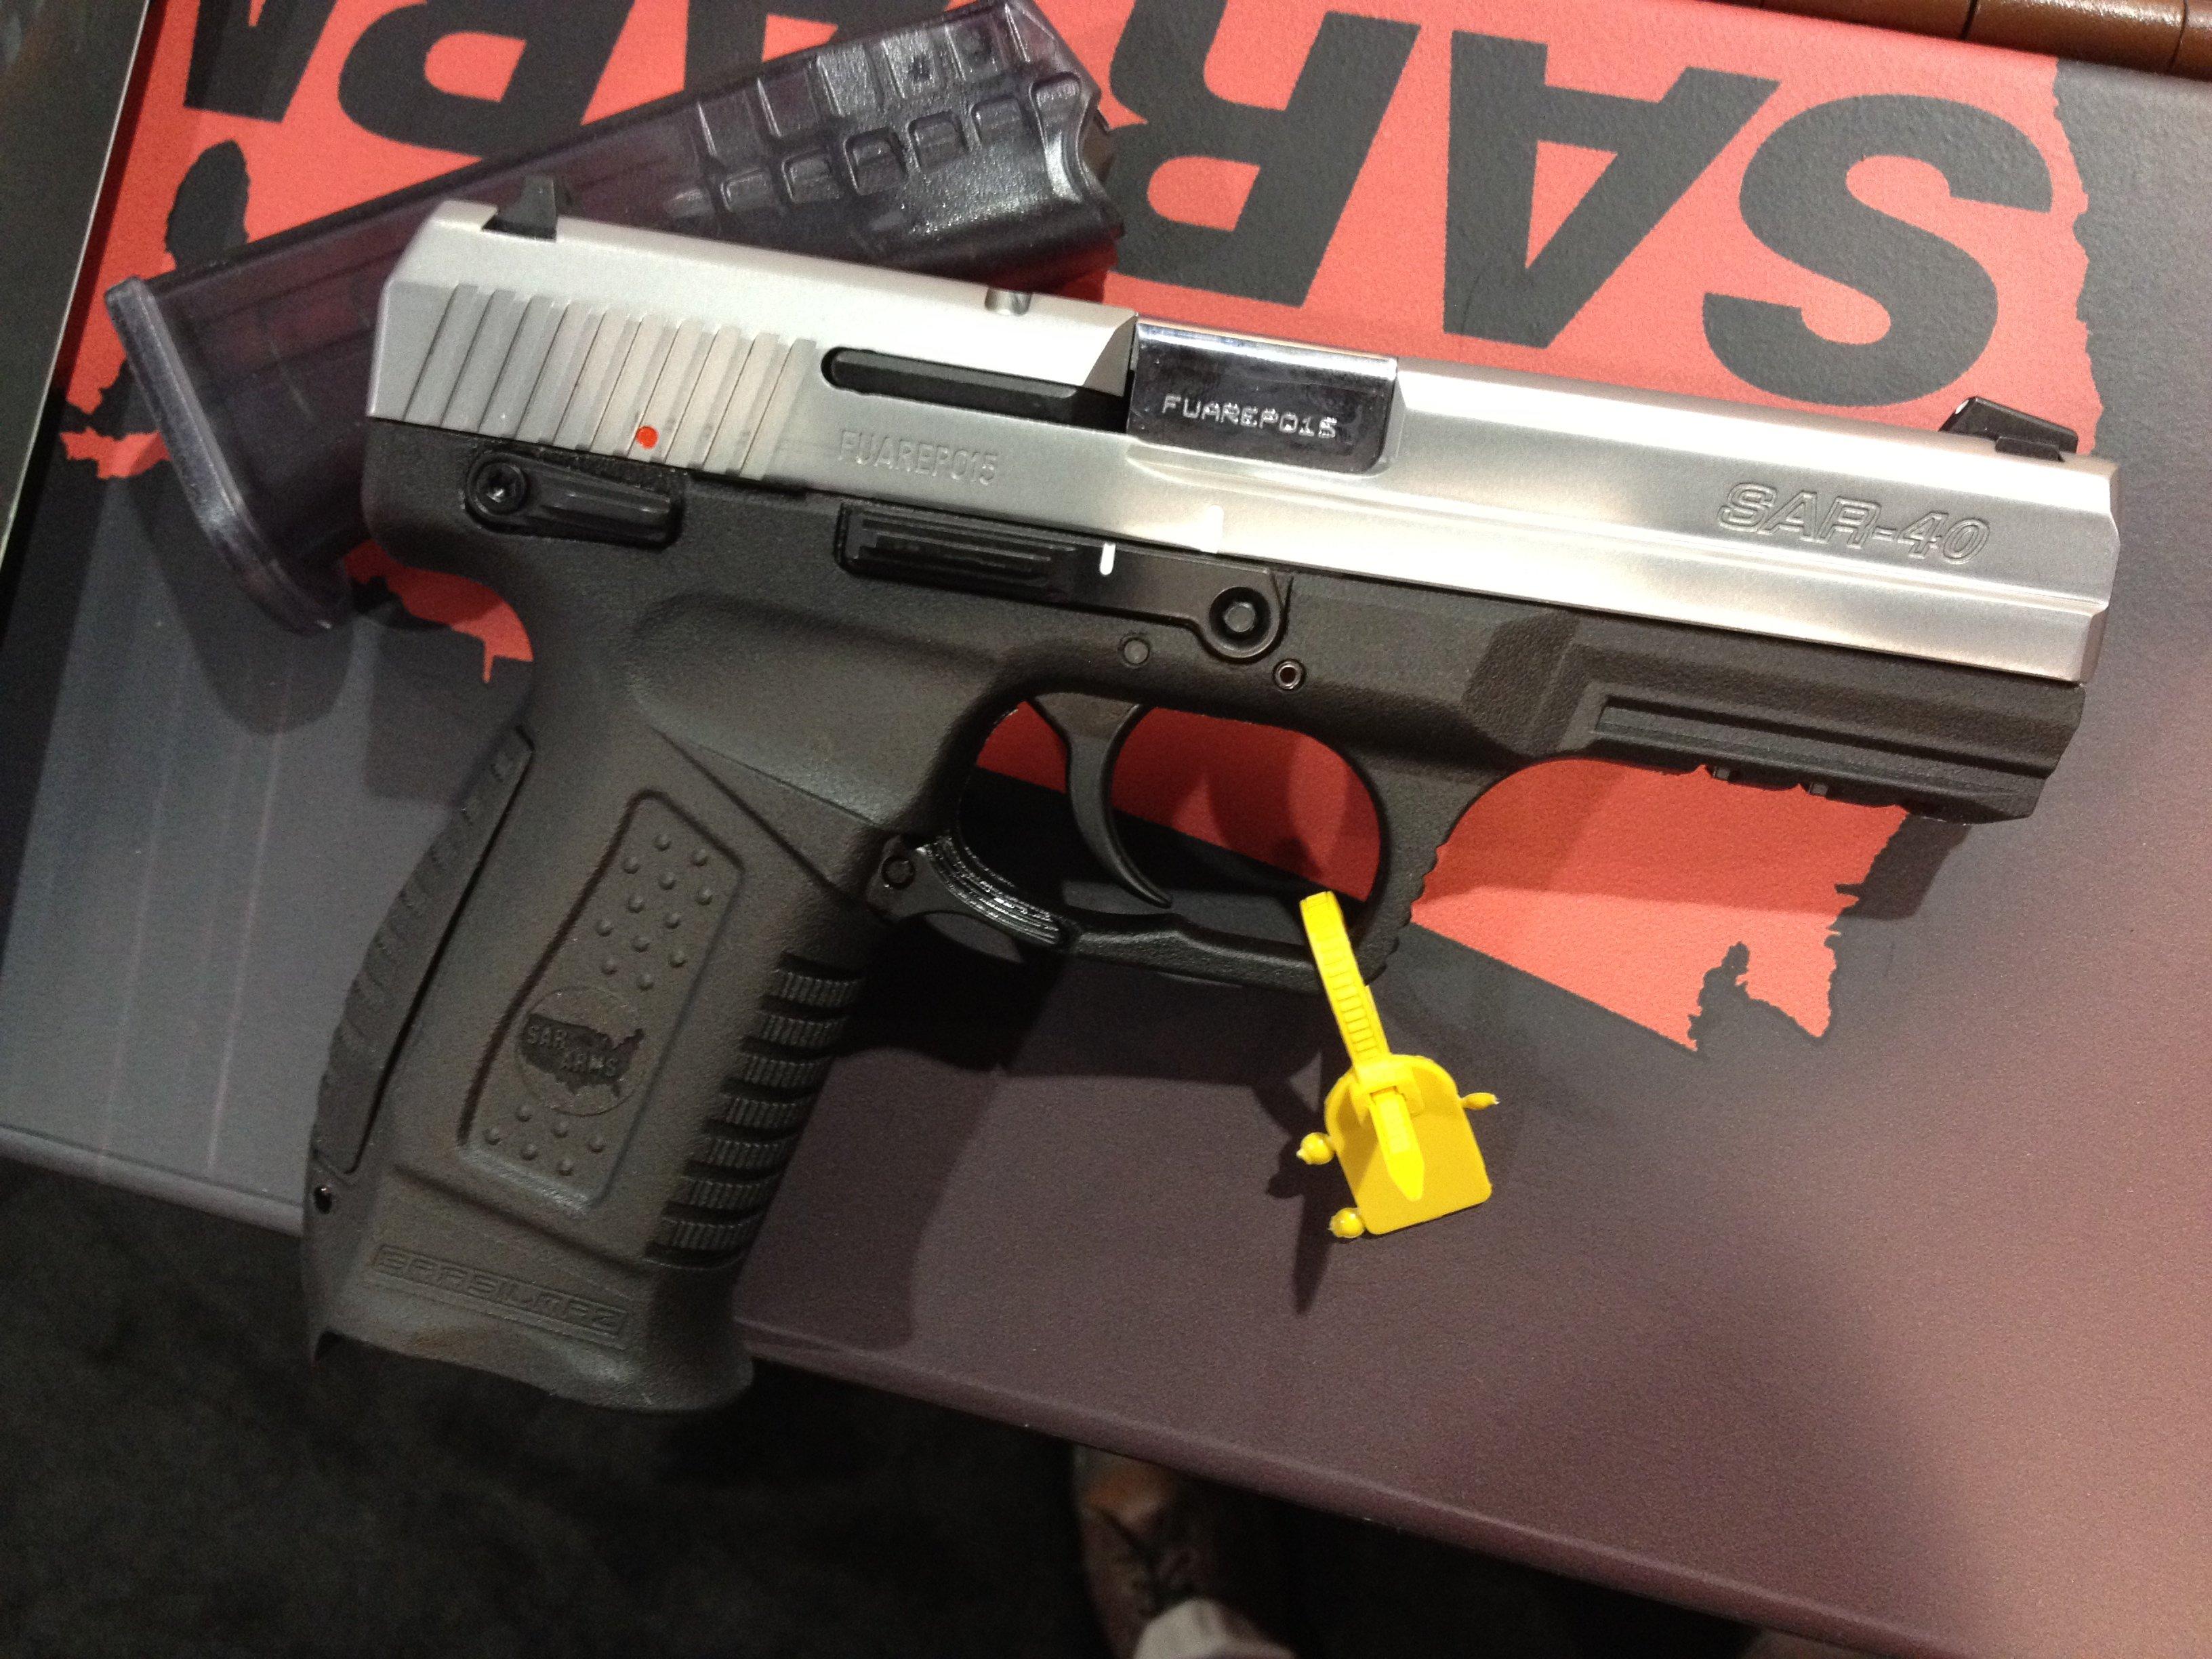 SAR Arms Striker Pistol from Turkey - GunsAmerica Digest